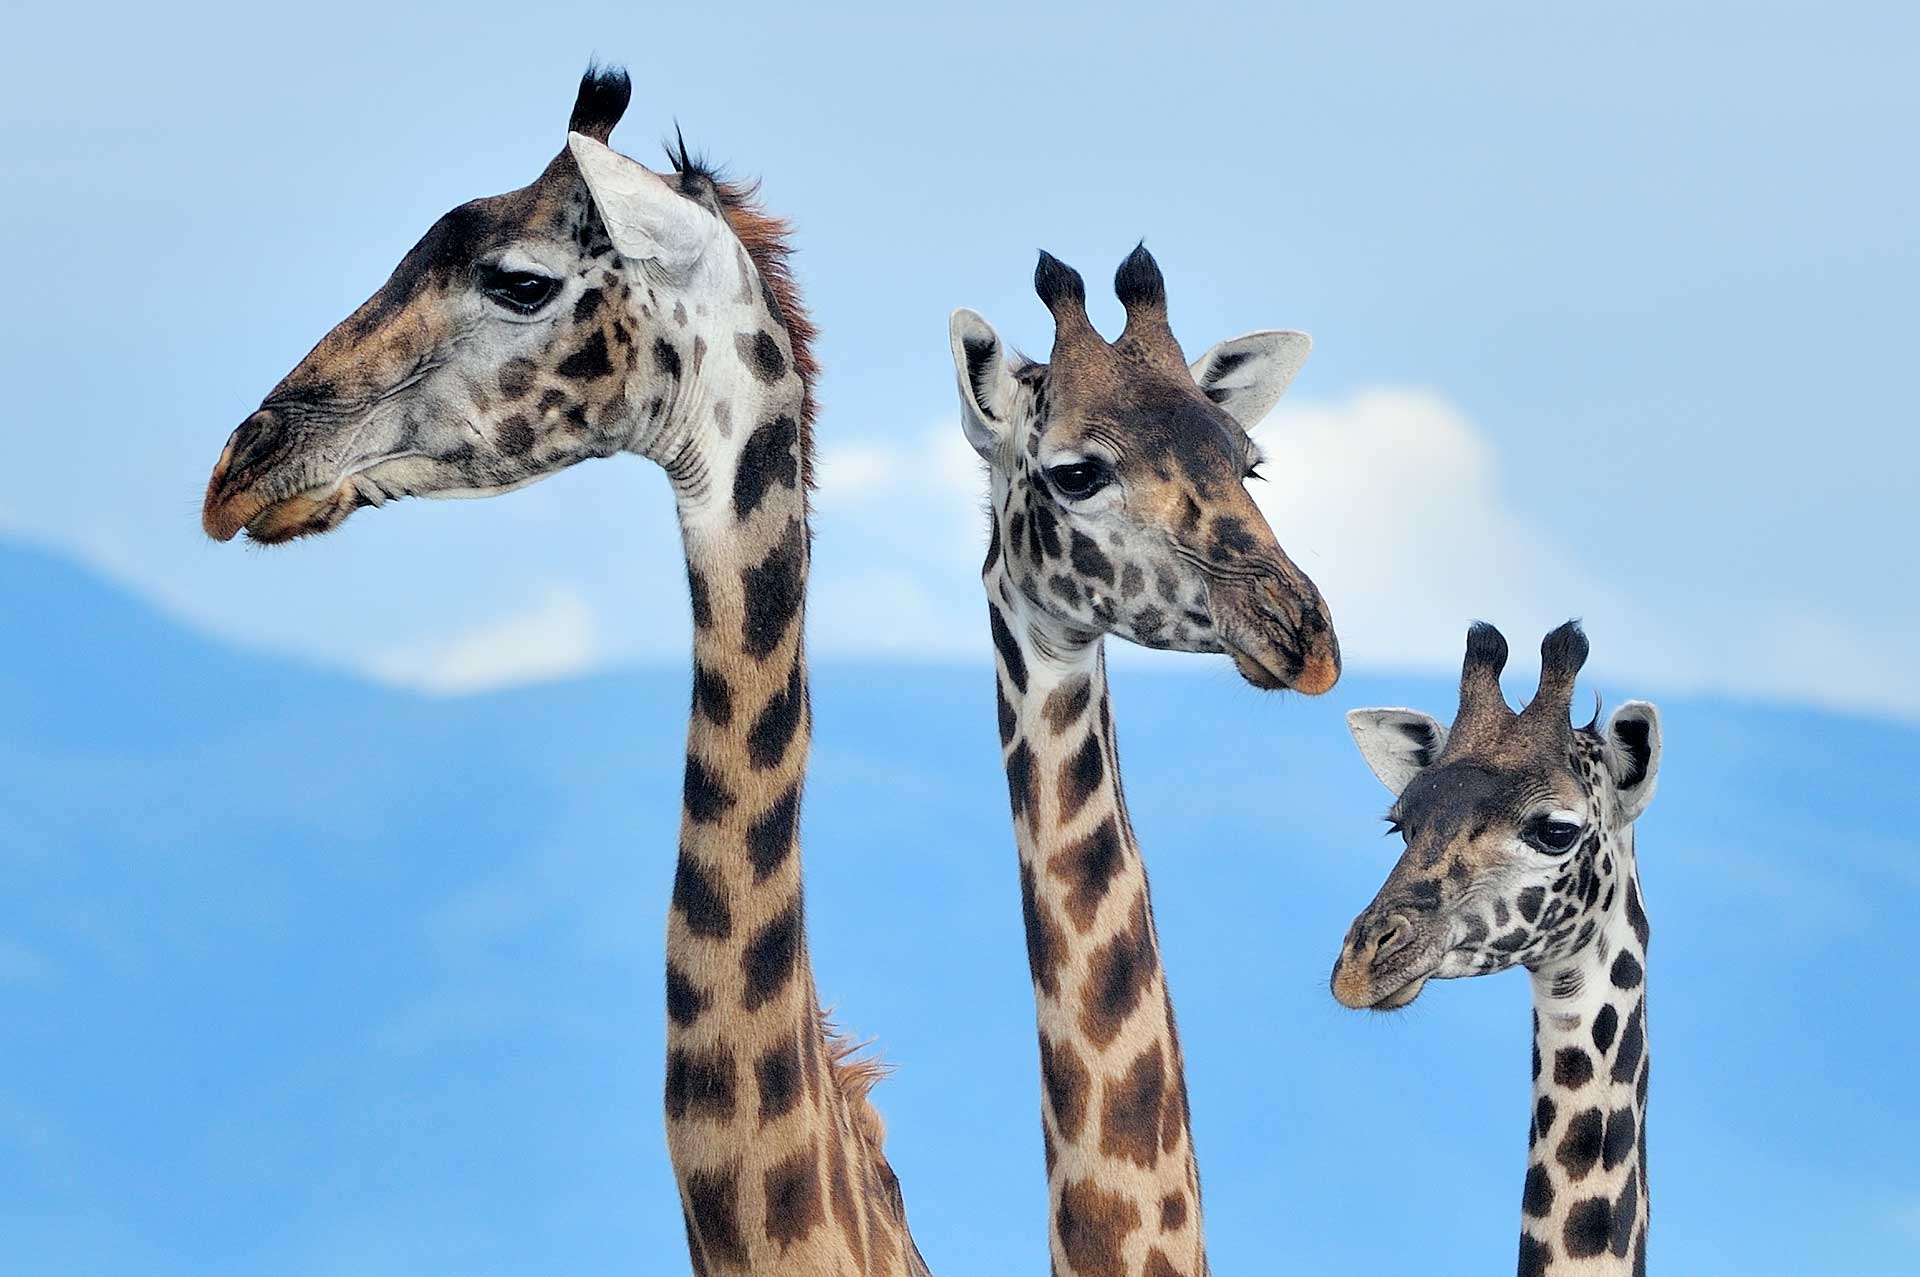 Drie giraffen tijdens Tanzania fotoreis Ndutu Serengeti Ngorongoro